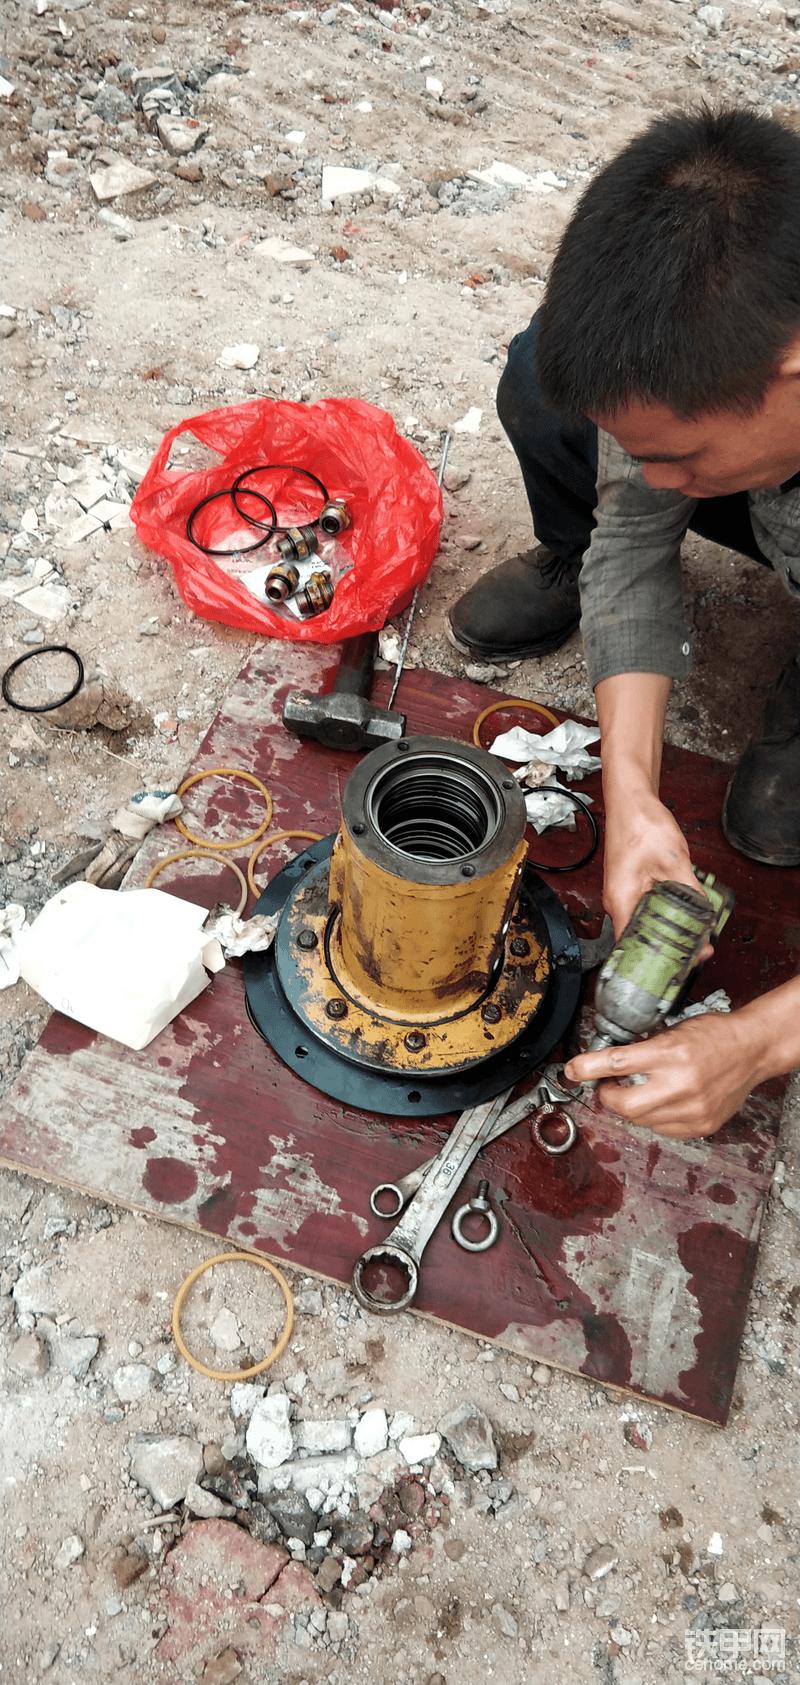 旧油封拆下来还很新跟新买的油封对比油封宽度窄了,外径小导致漏油